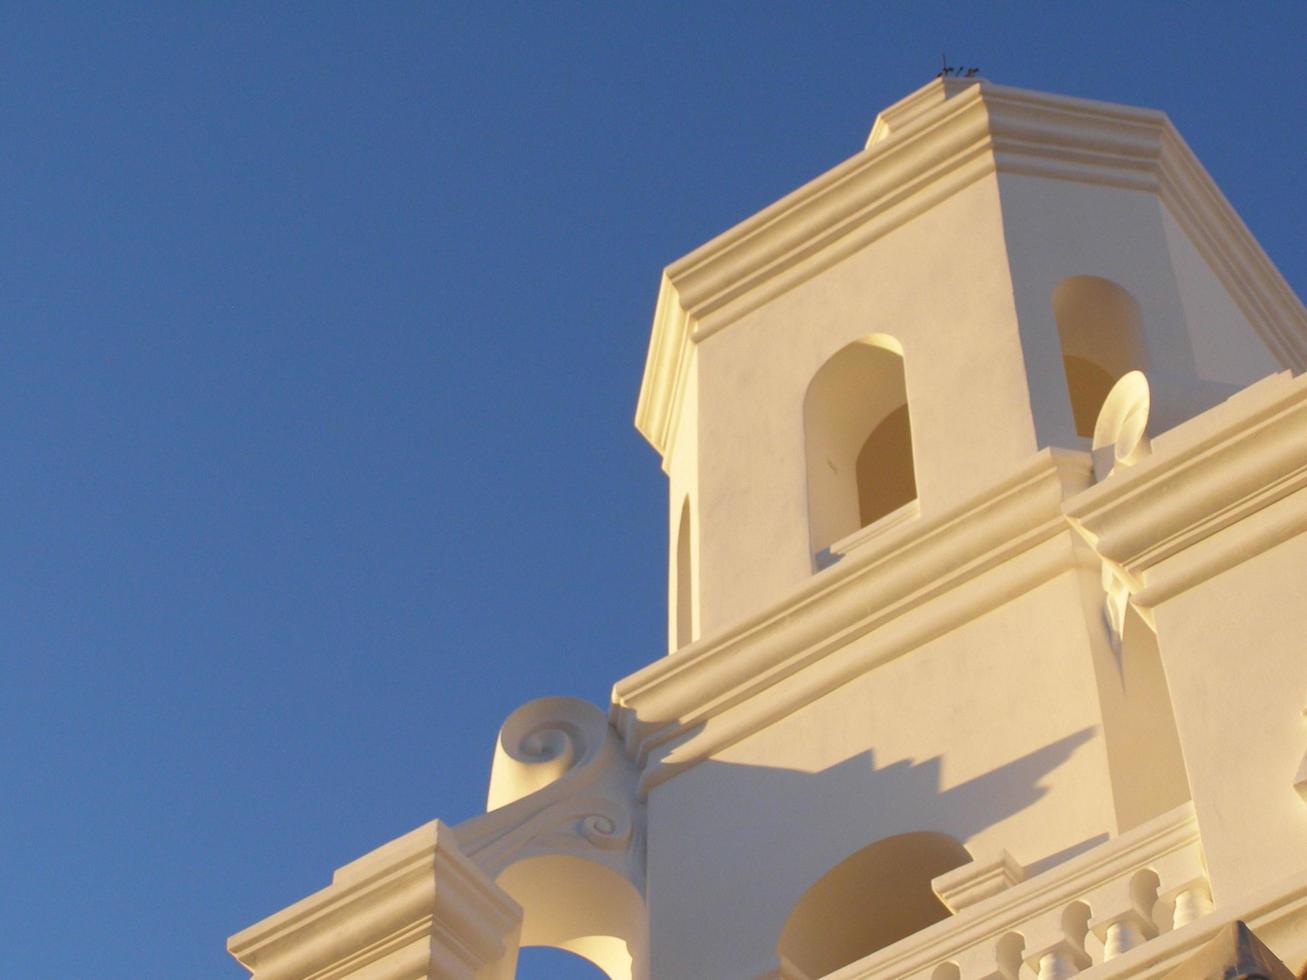 edificio in cemento beige sotto il cielo blu durante il giorno foto